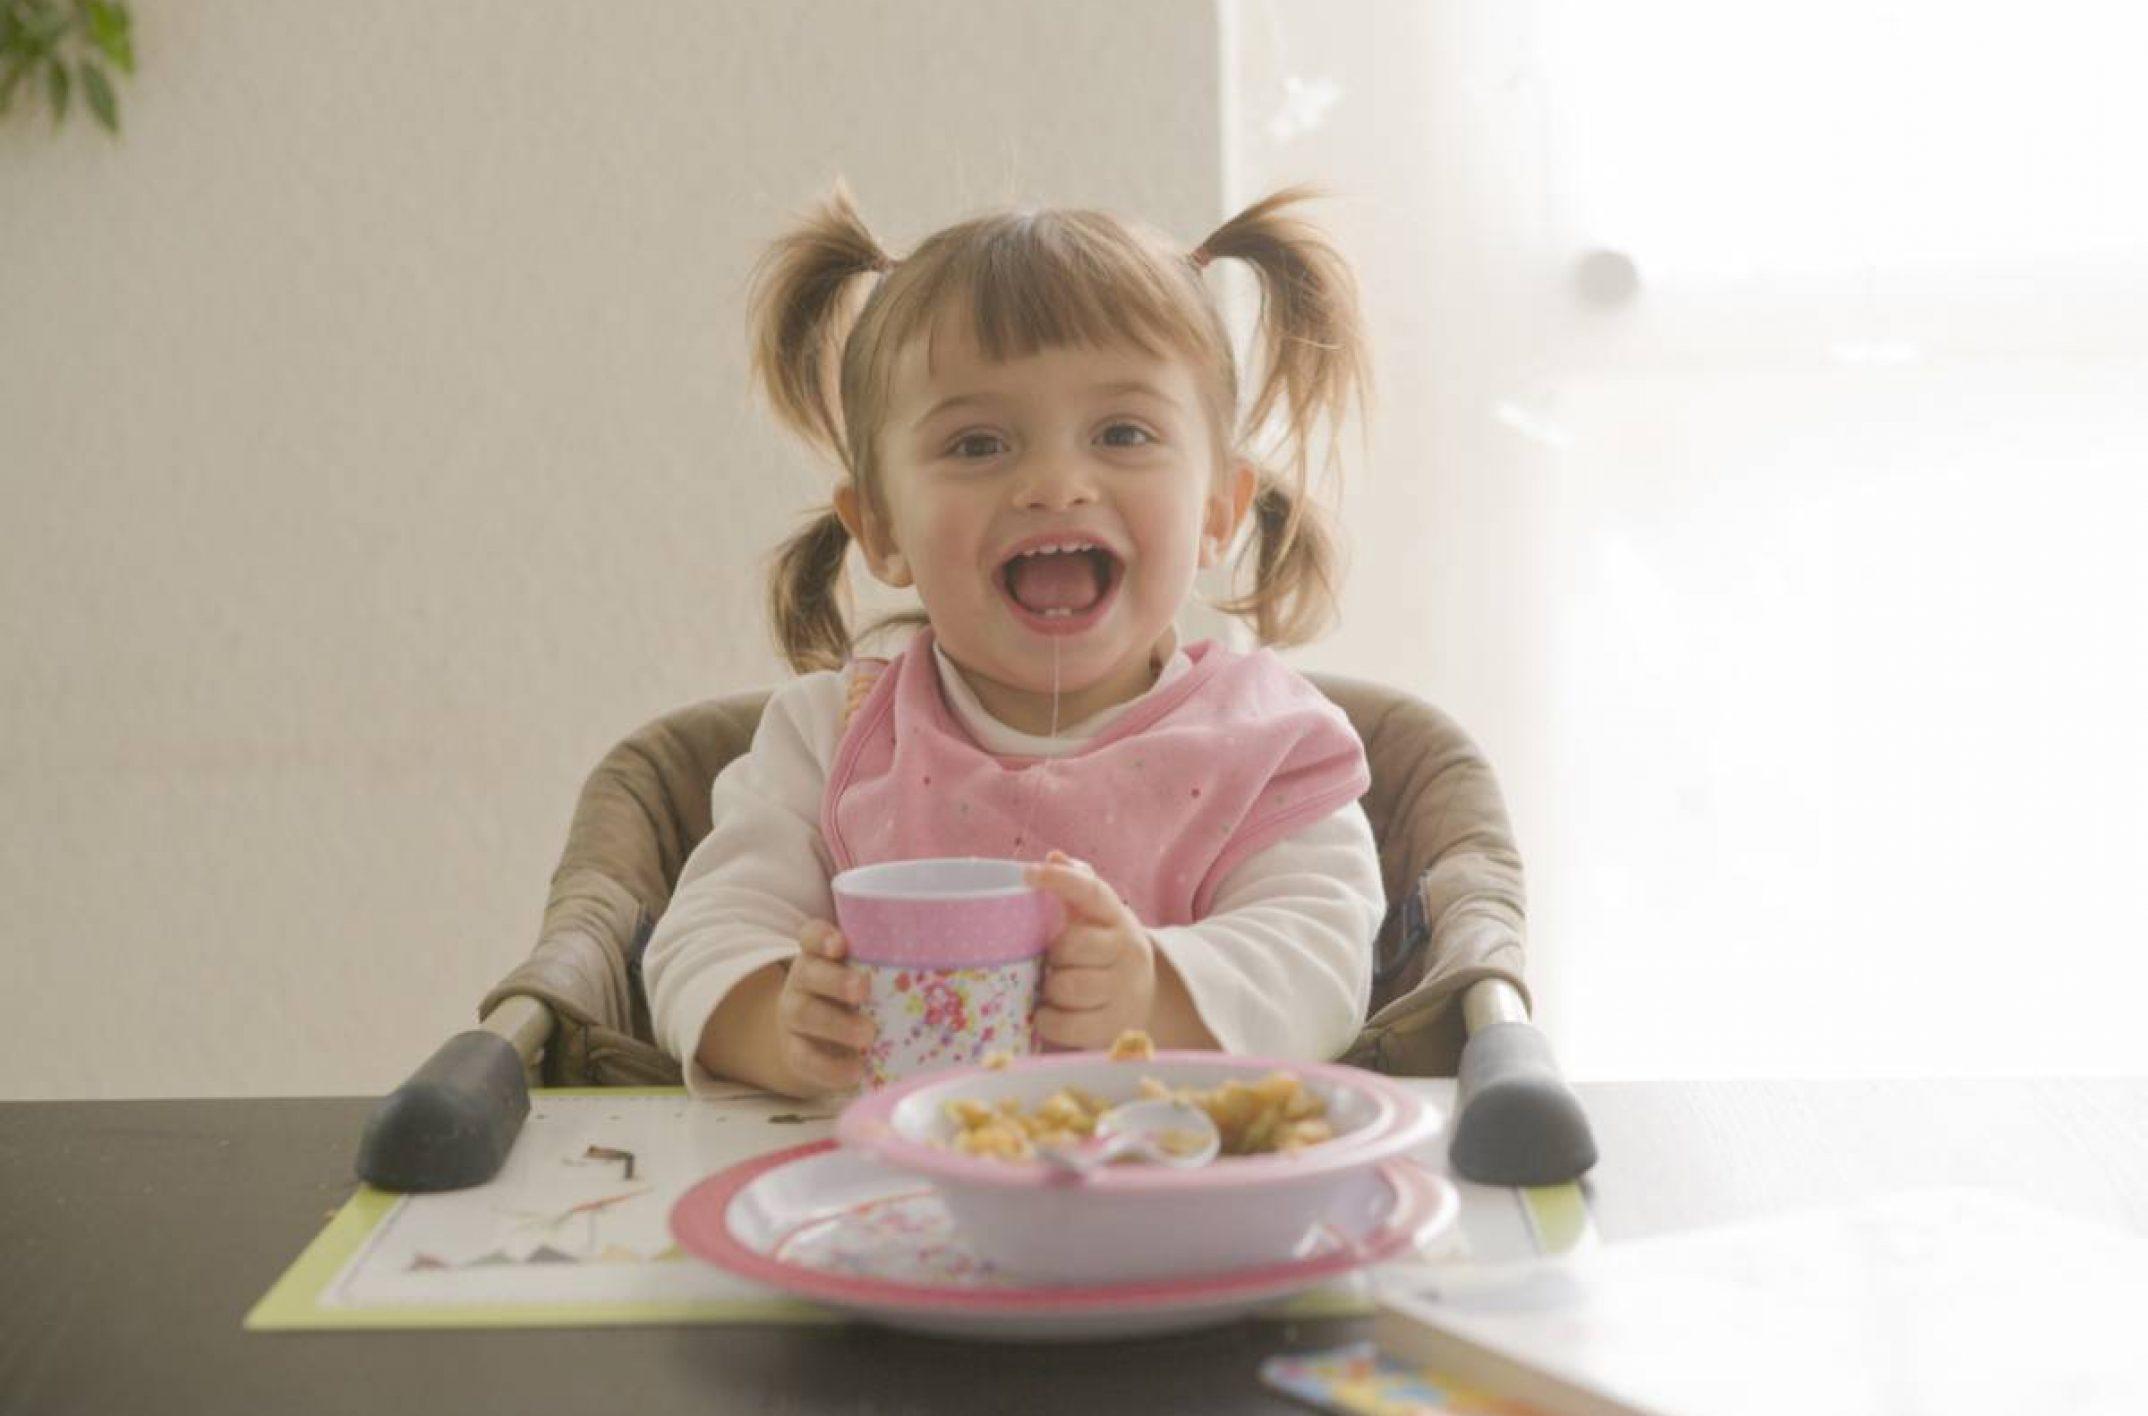 Les accessoire personnalisés pour le repas de bébé